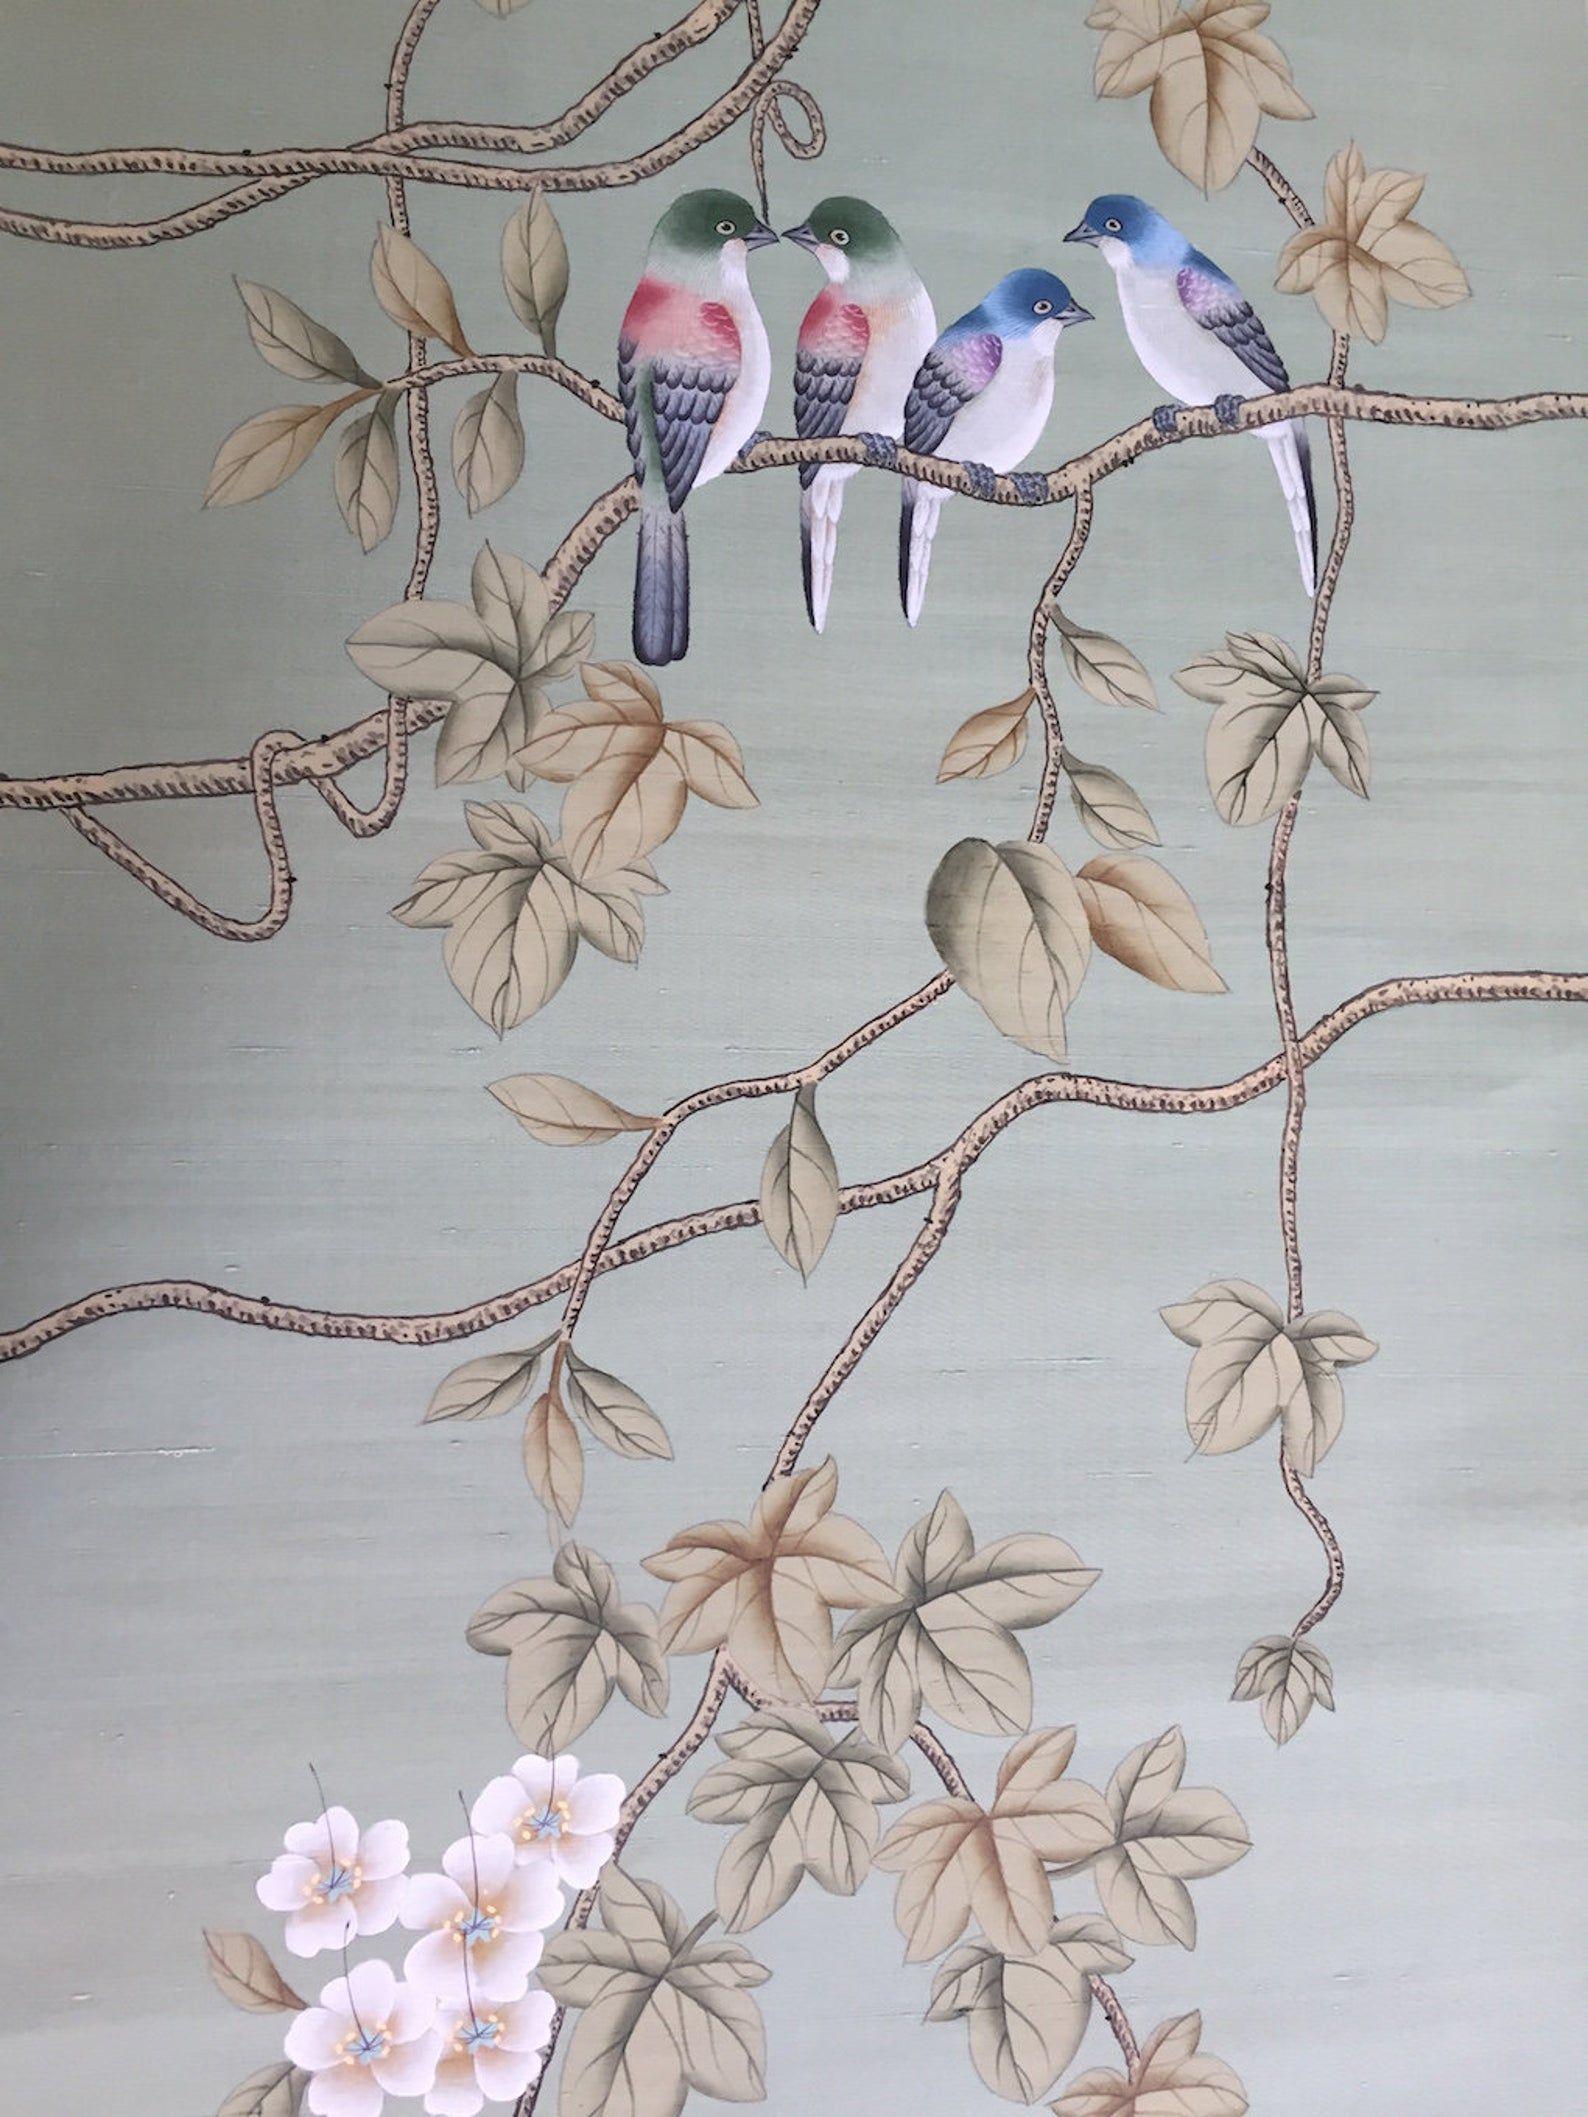 Chinoiserie Handpainted Silk Wallpaper Vines And Birds In Etsy In 2021 Silk Wallpaper Hand Painted Chinoiserie